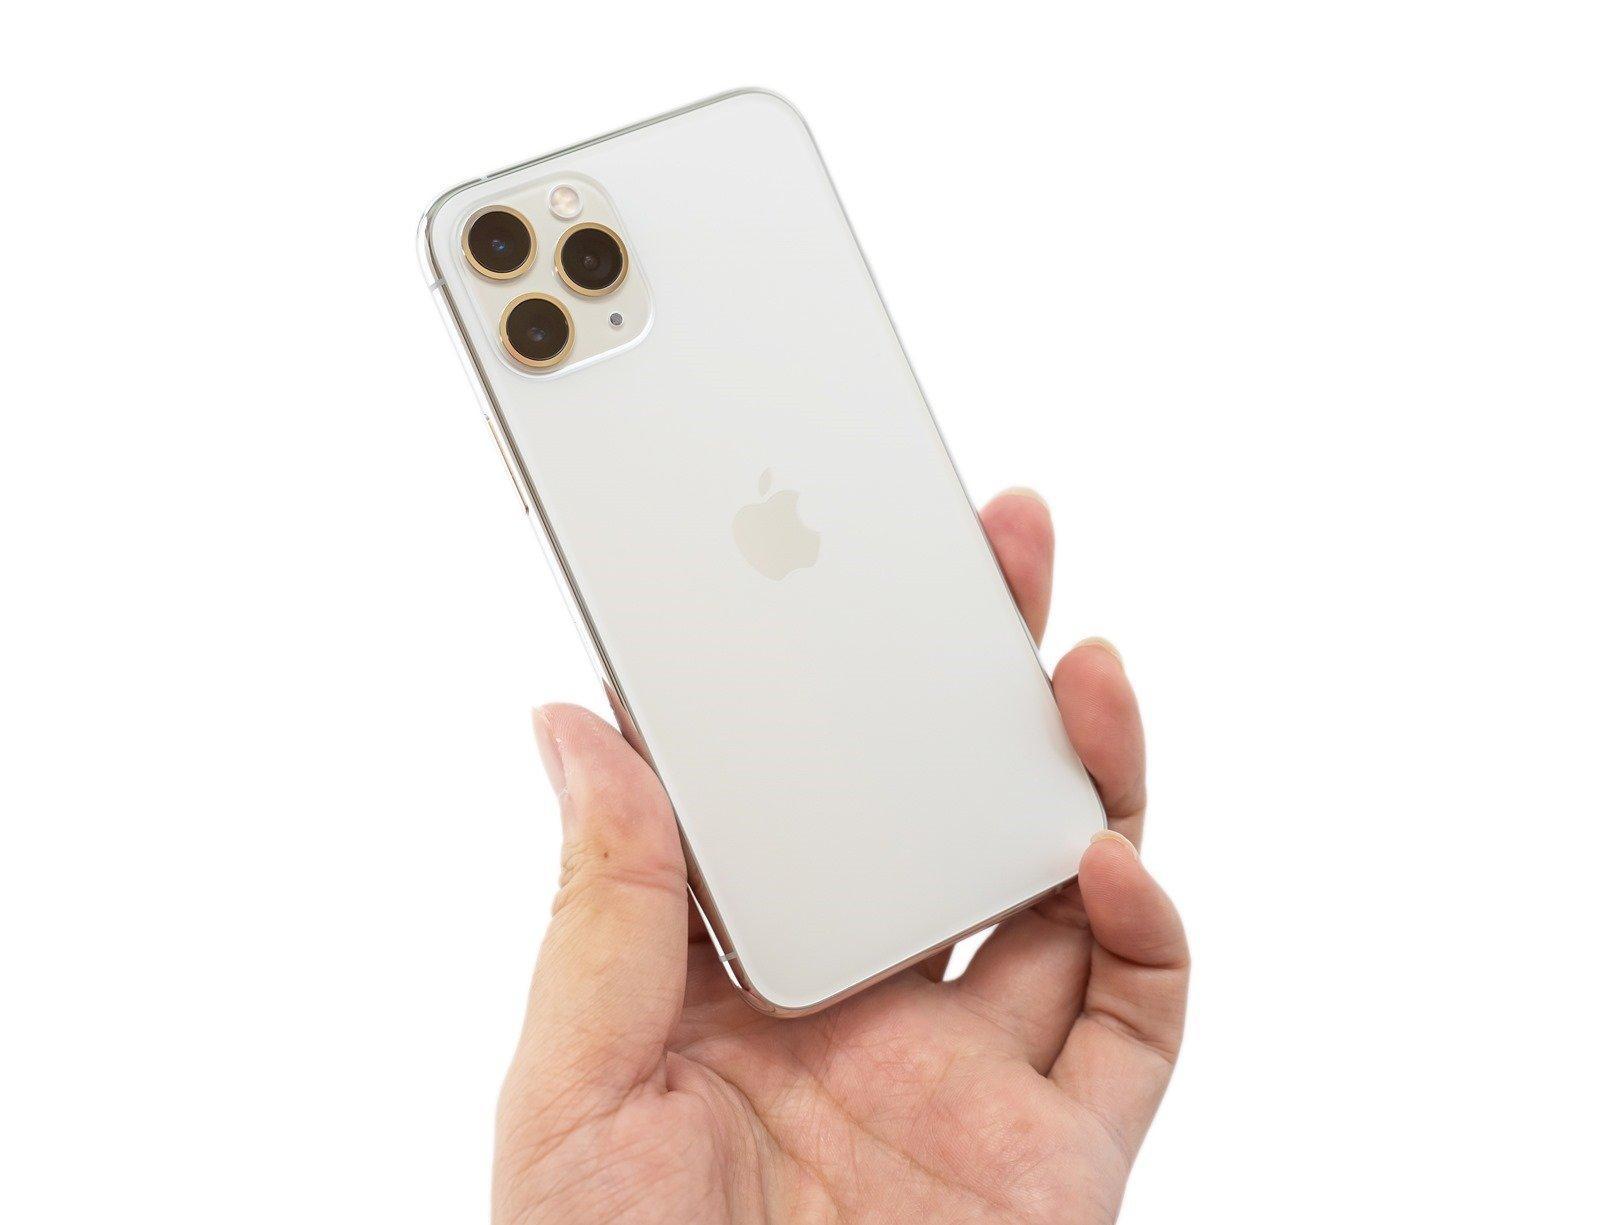 實體雙卡就是讚!港版 iPhone 11 Pro 入手銀色開箱 + 港版雙卡 iPhone 常見問題解答 @3C 達人廖阿輝